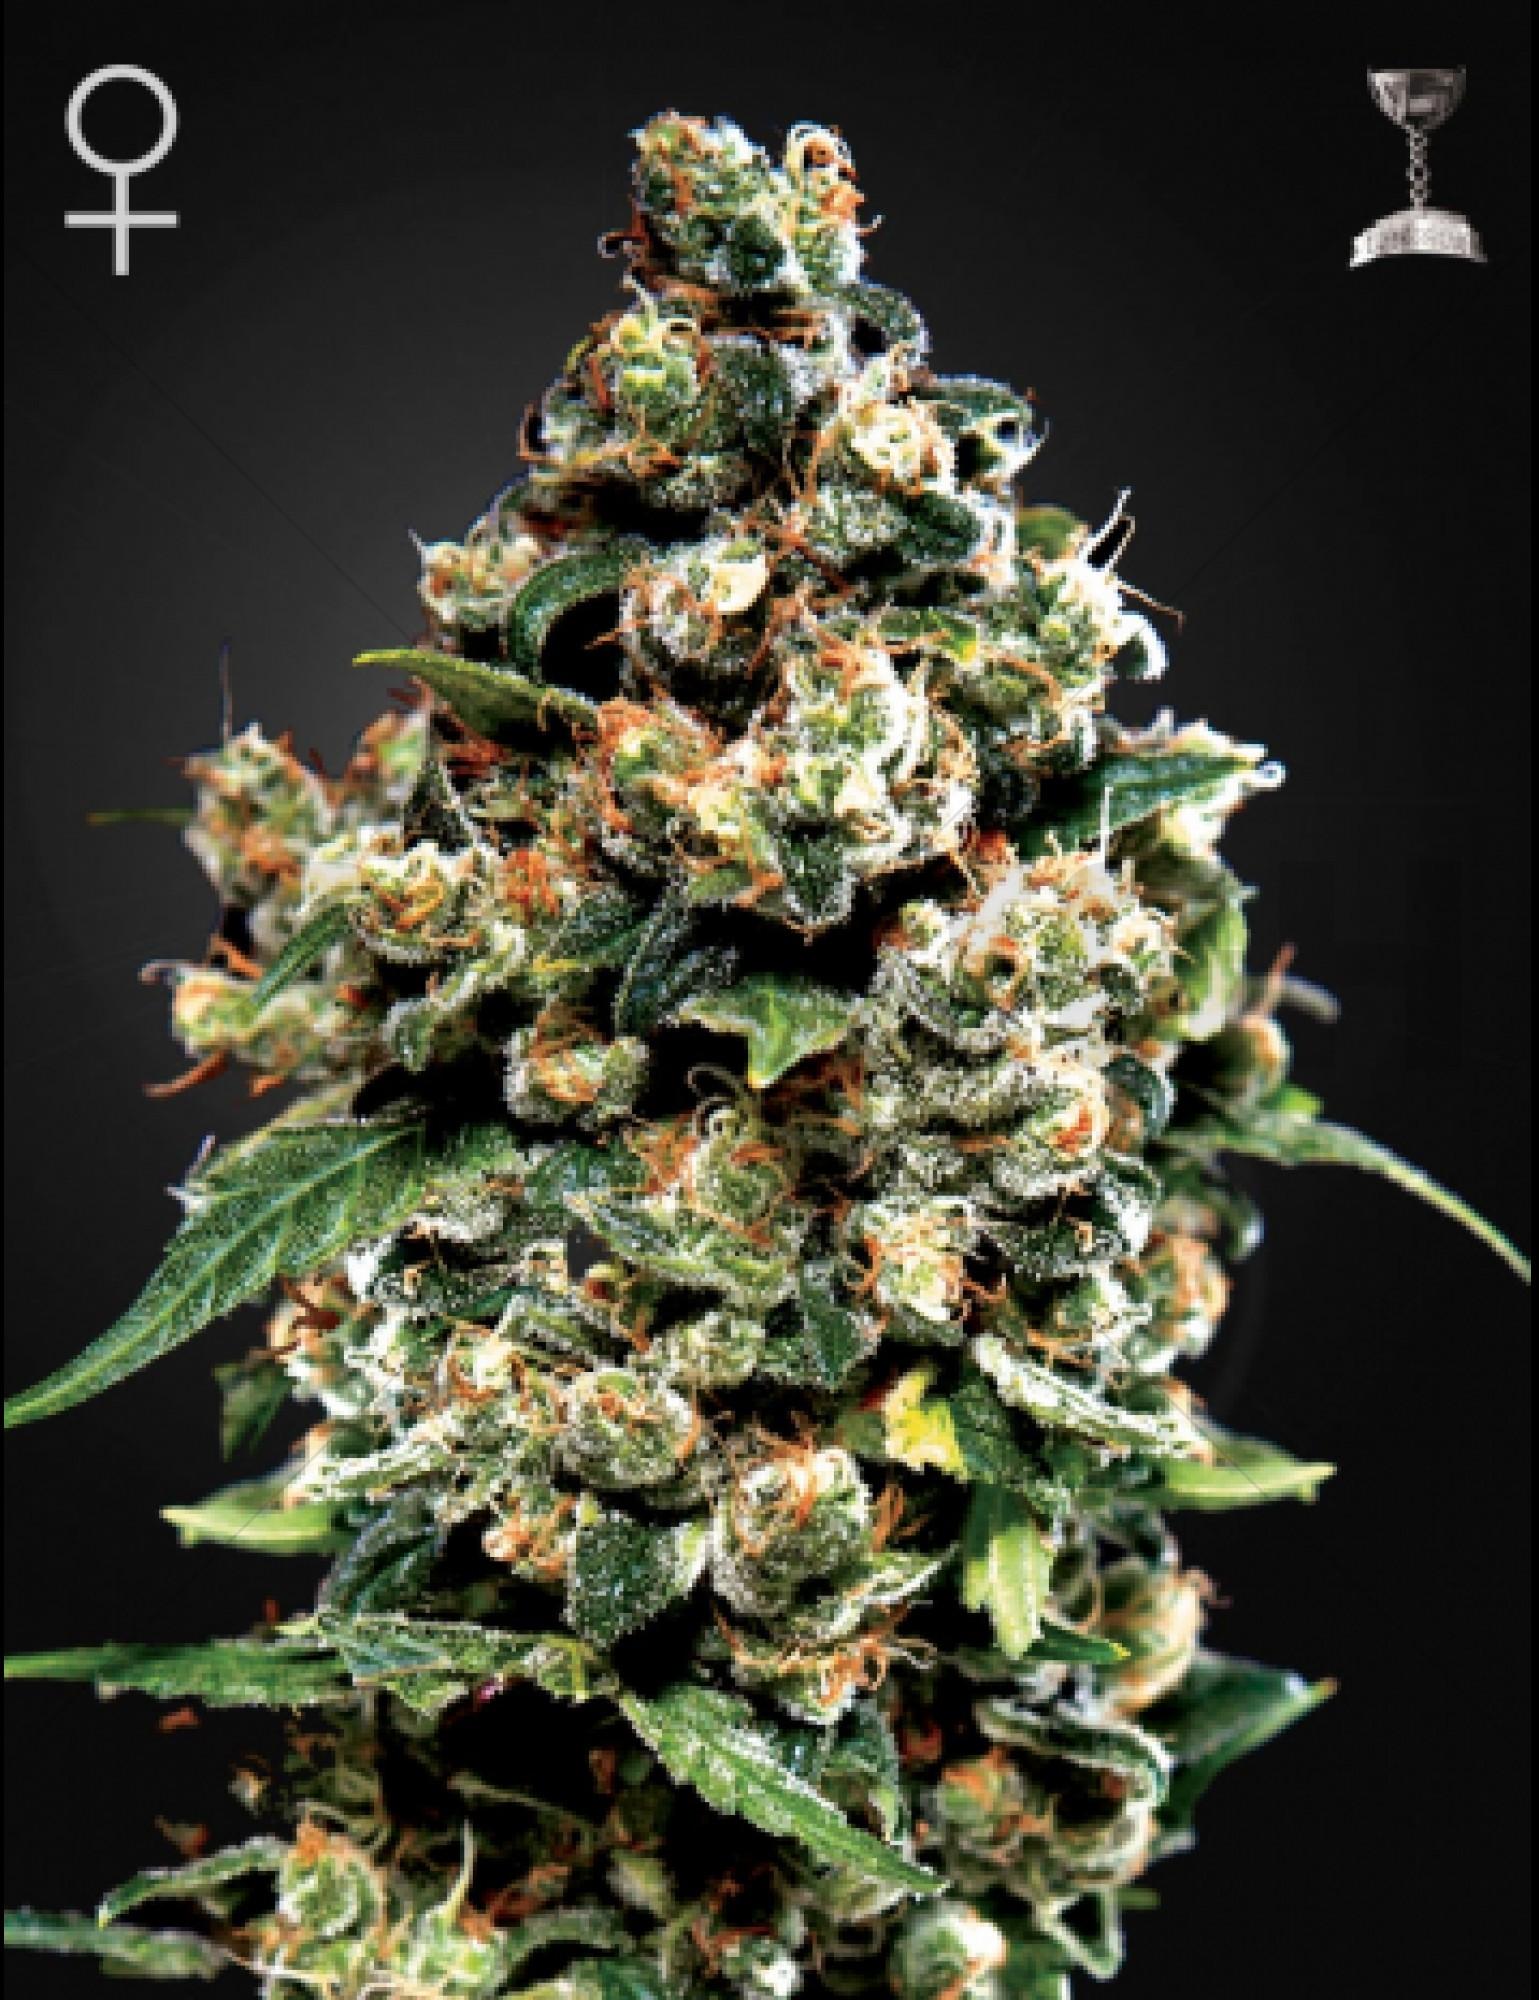 Jack Herer (Green House Seeds)